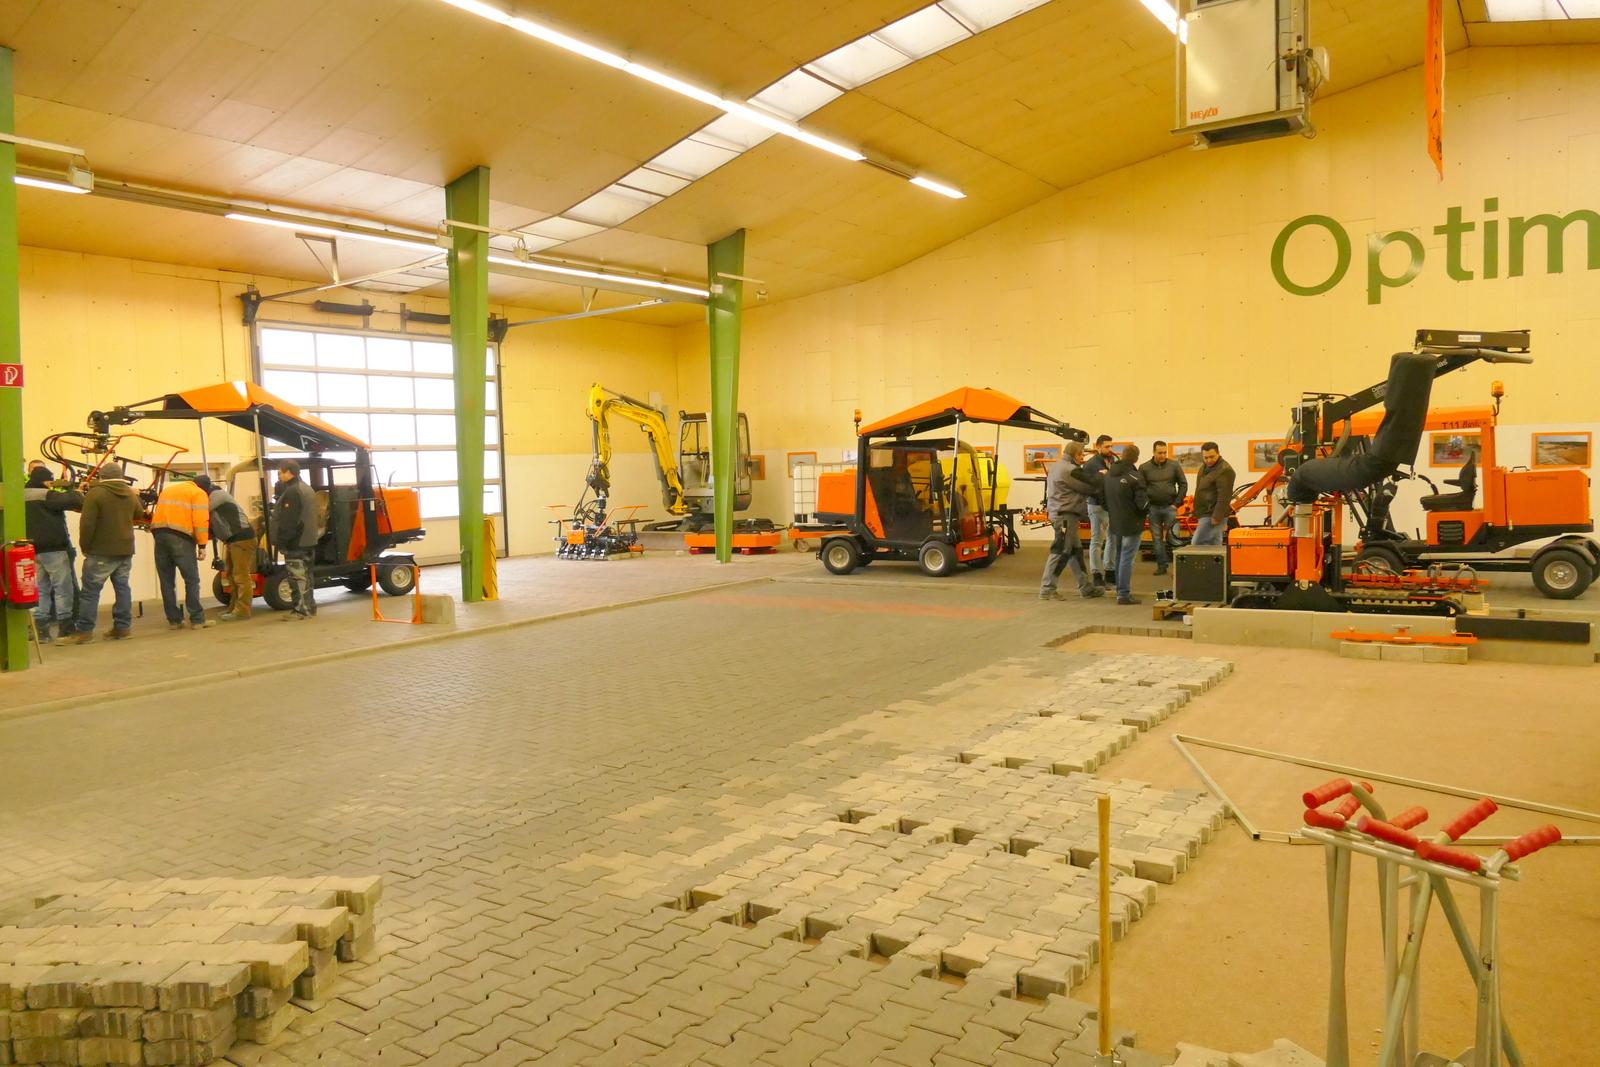 Bei Optimas in Ramsloh wird im eigenen Trainingszentrum mit einer großen Palette von Maschinen trainiert.